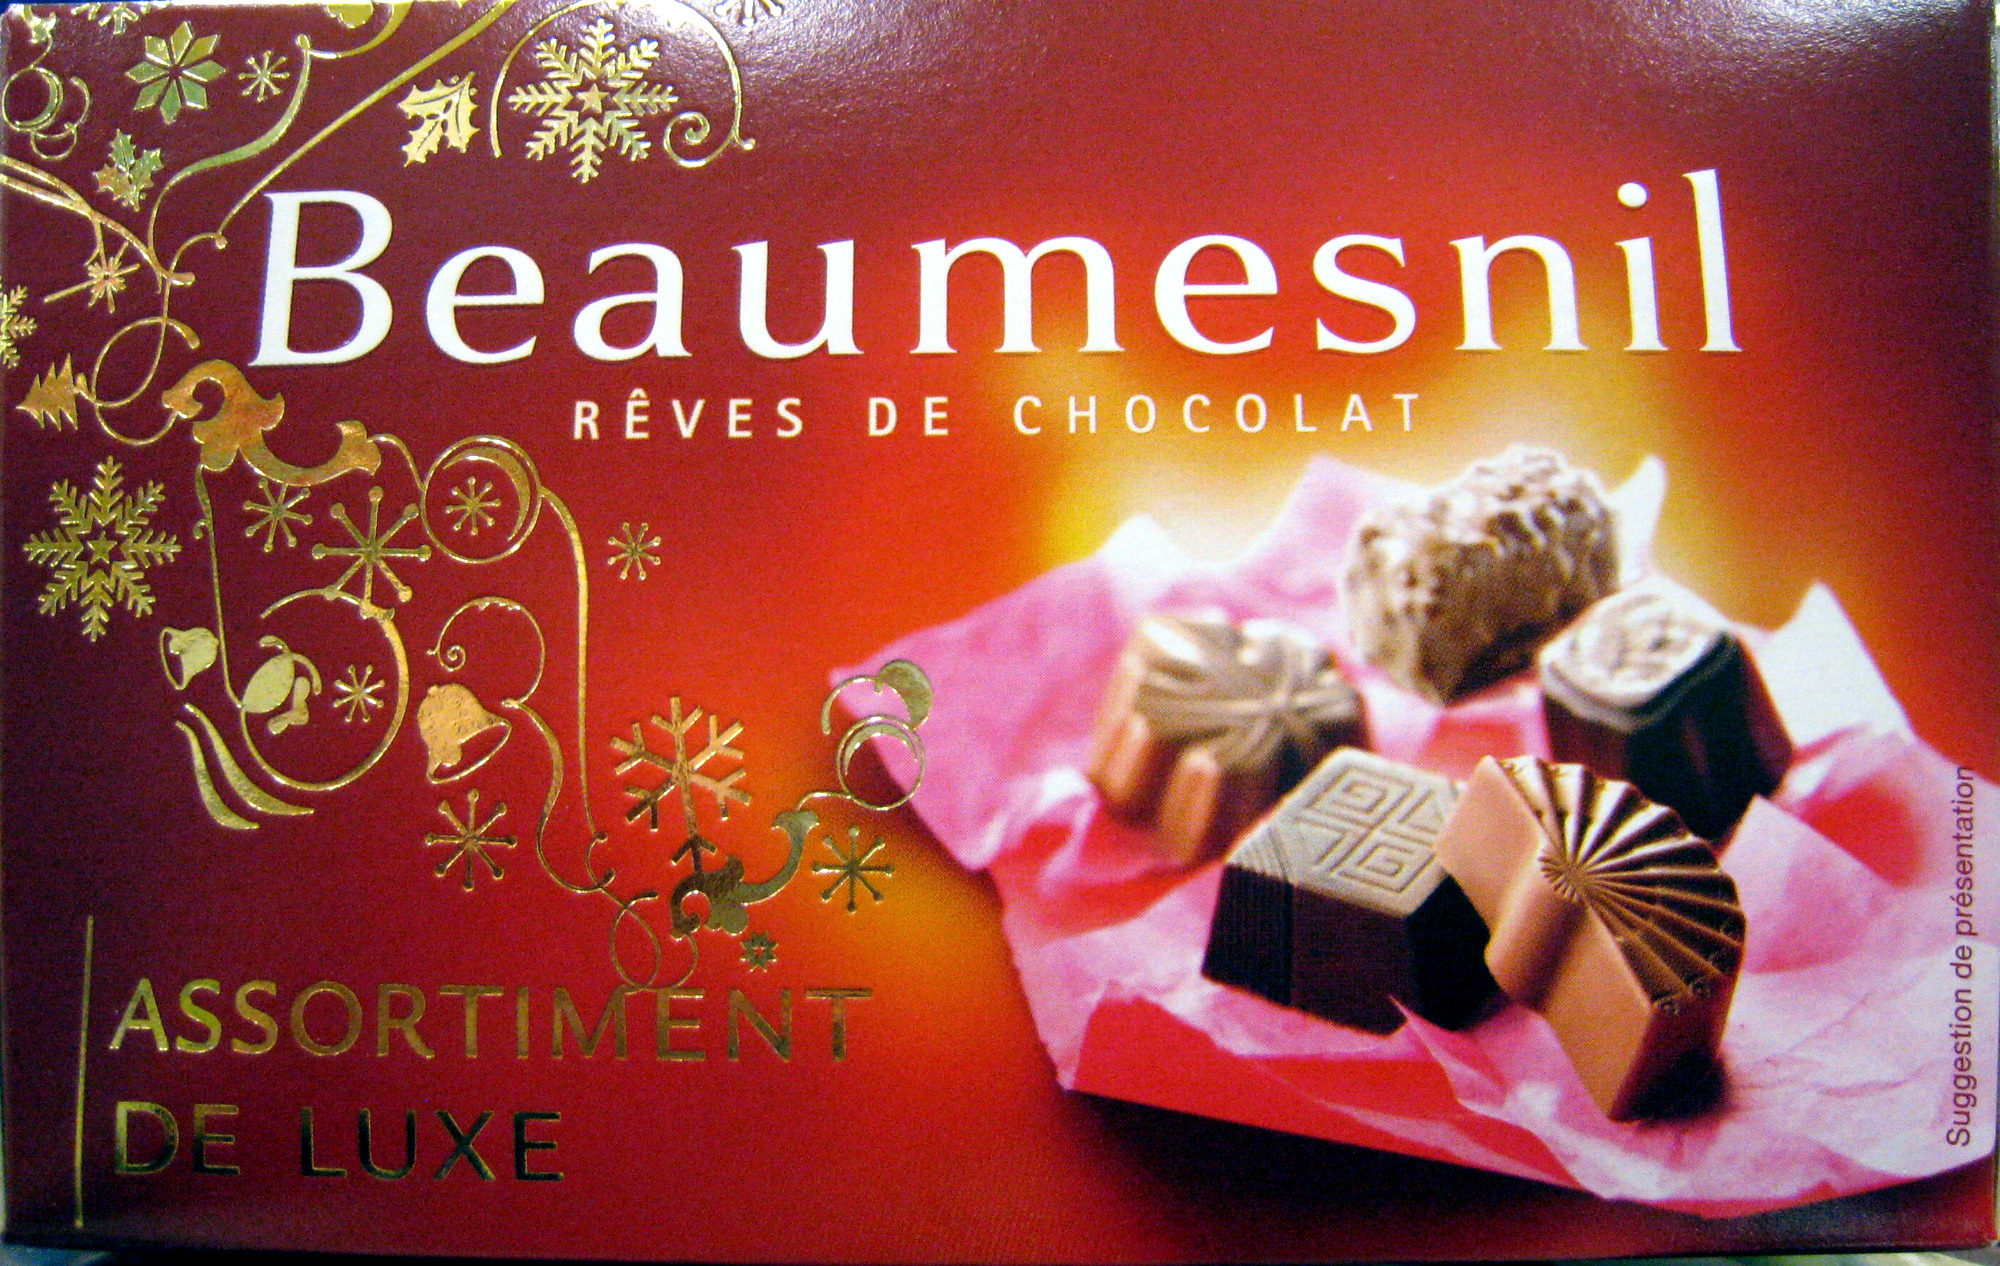 Rêves de chocolat Assortiment de luxe Beaumesnil - Produit